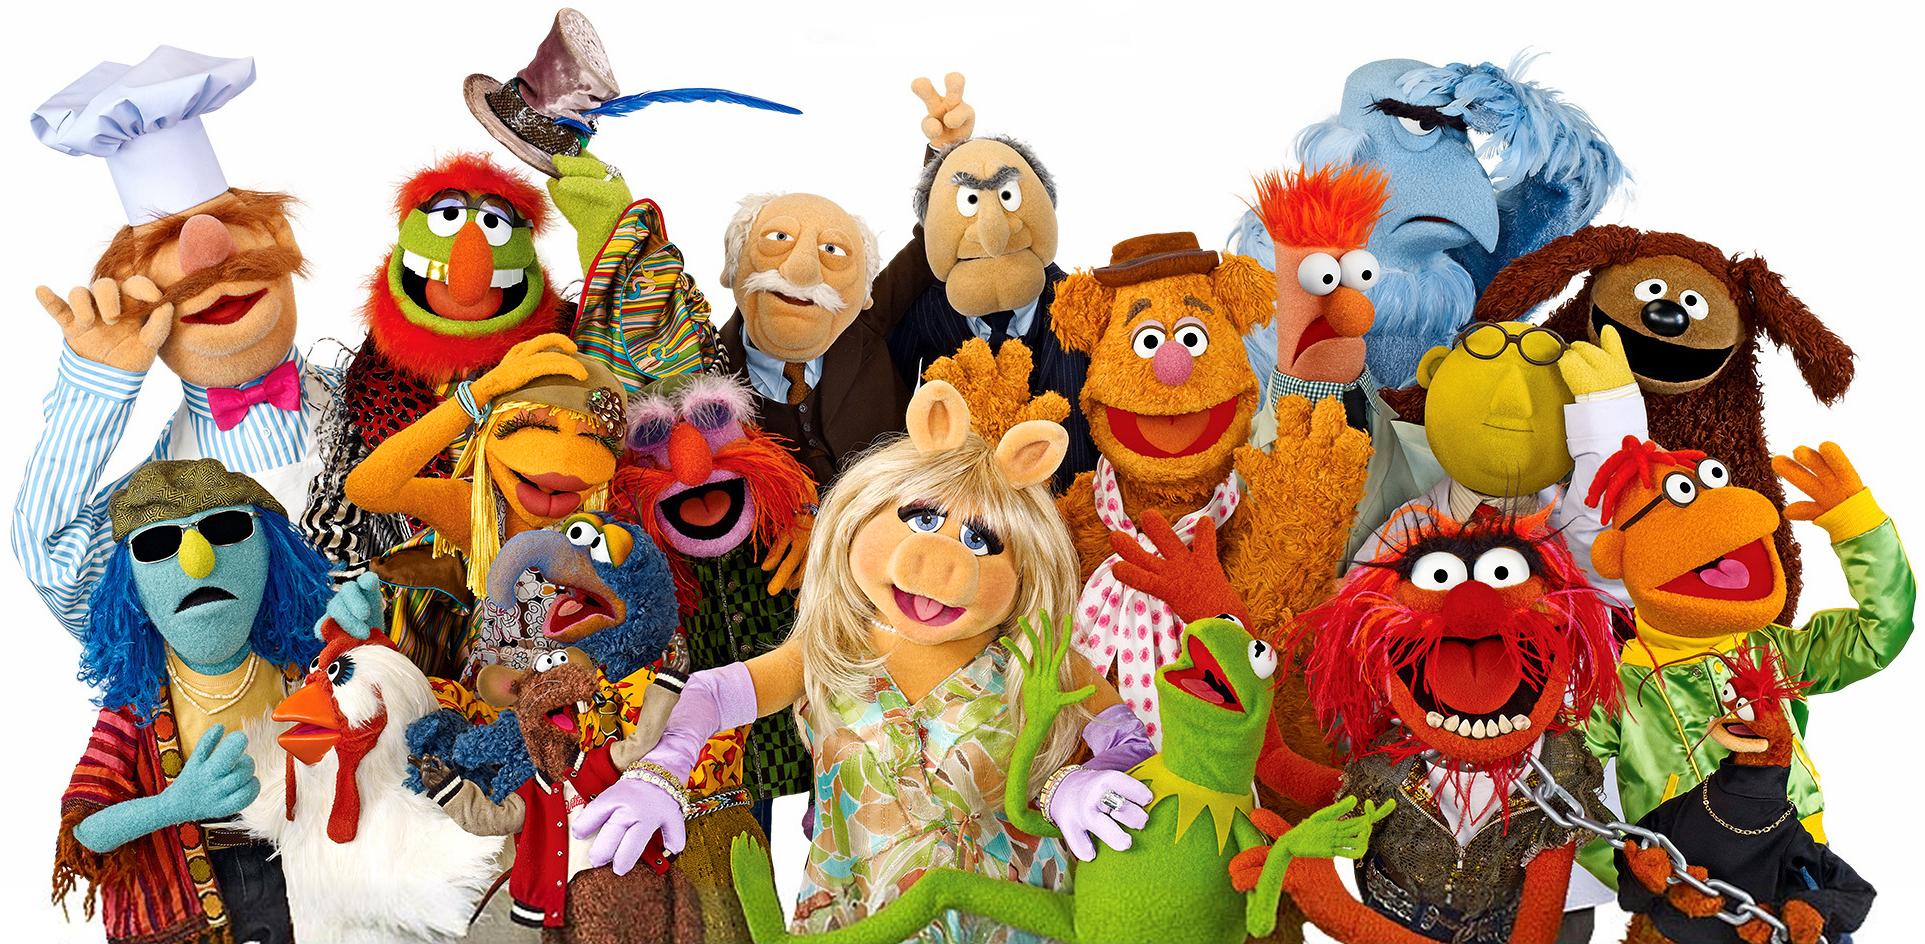 Mr. Warble | Muppet Wiki | Fandom powered by Wikia